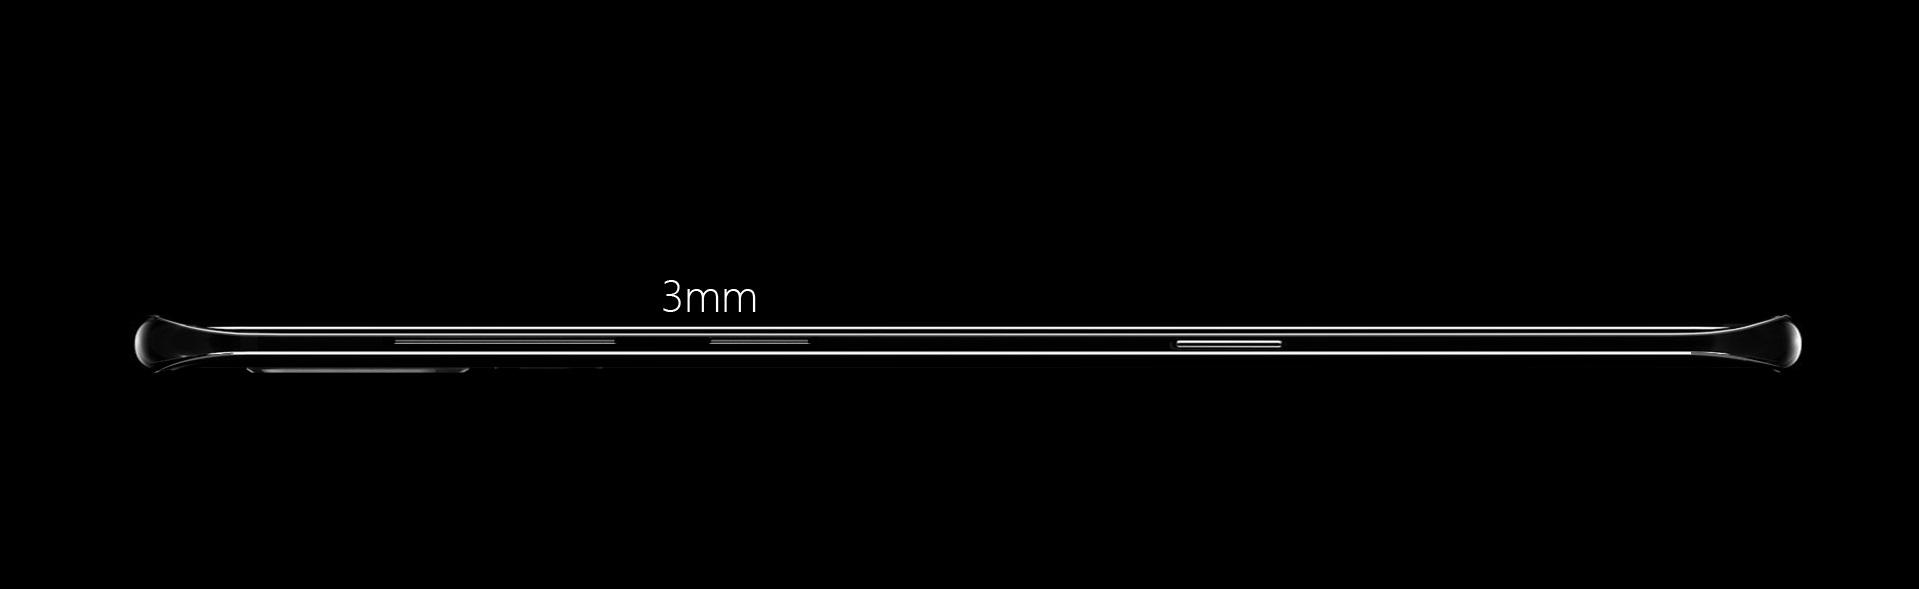 Meiigoo S8 konštrukcia